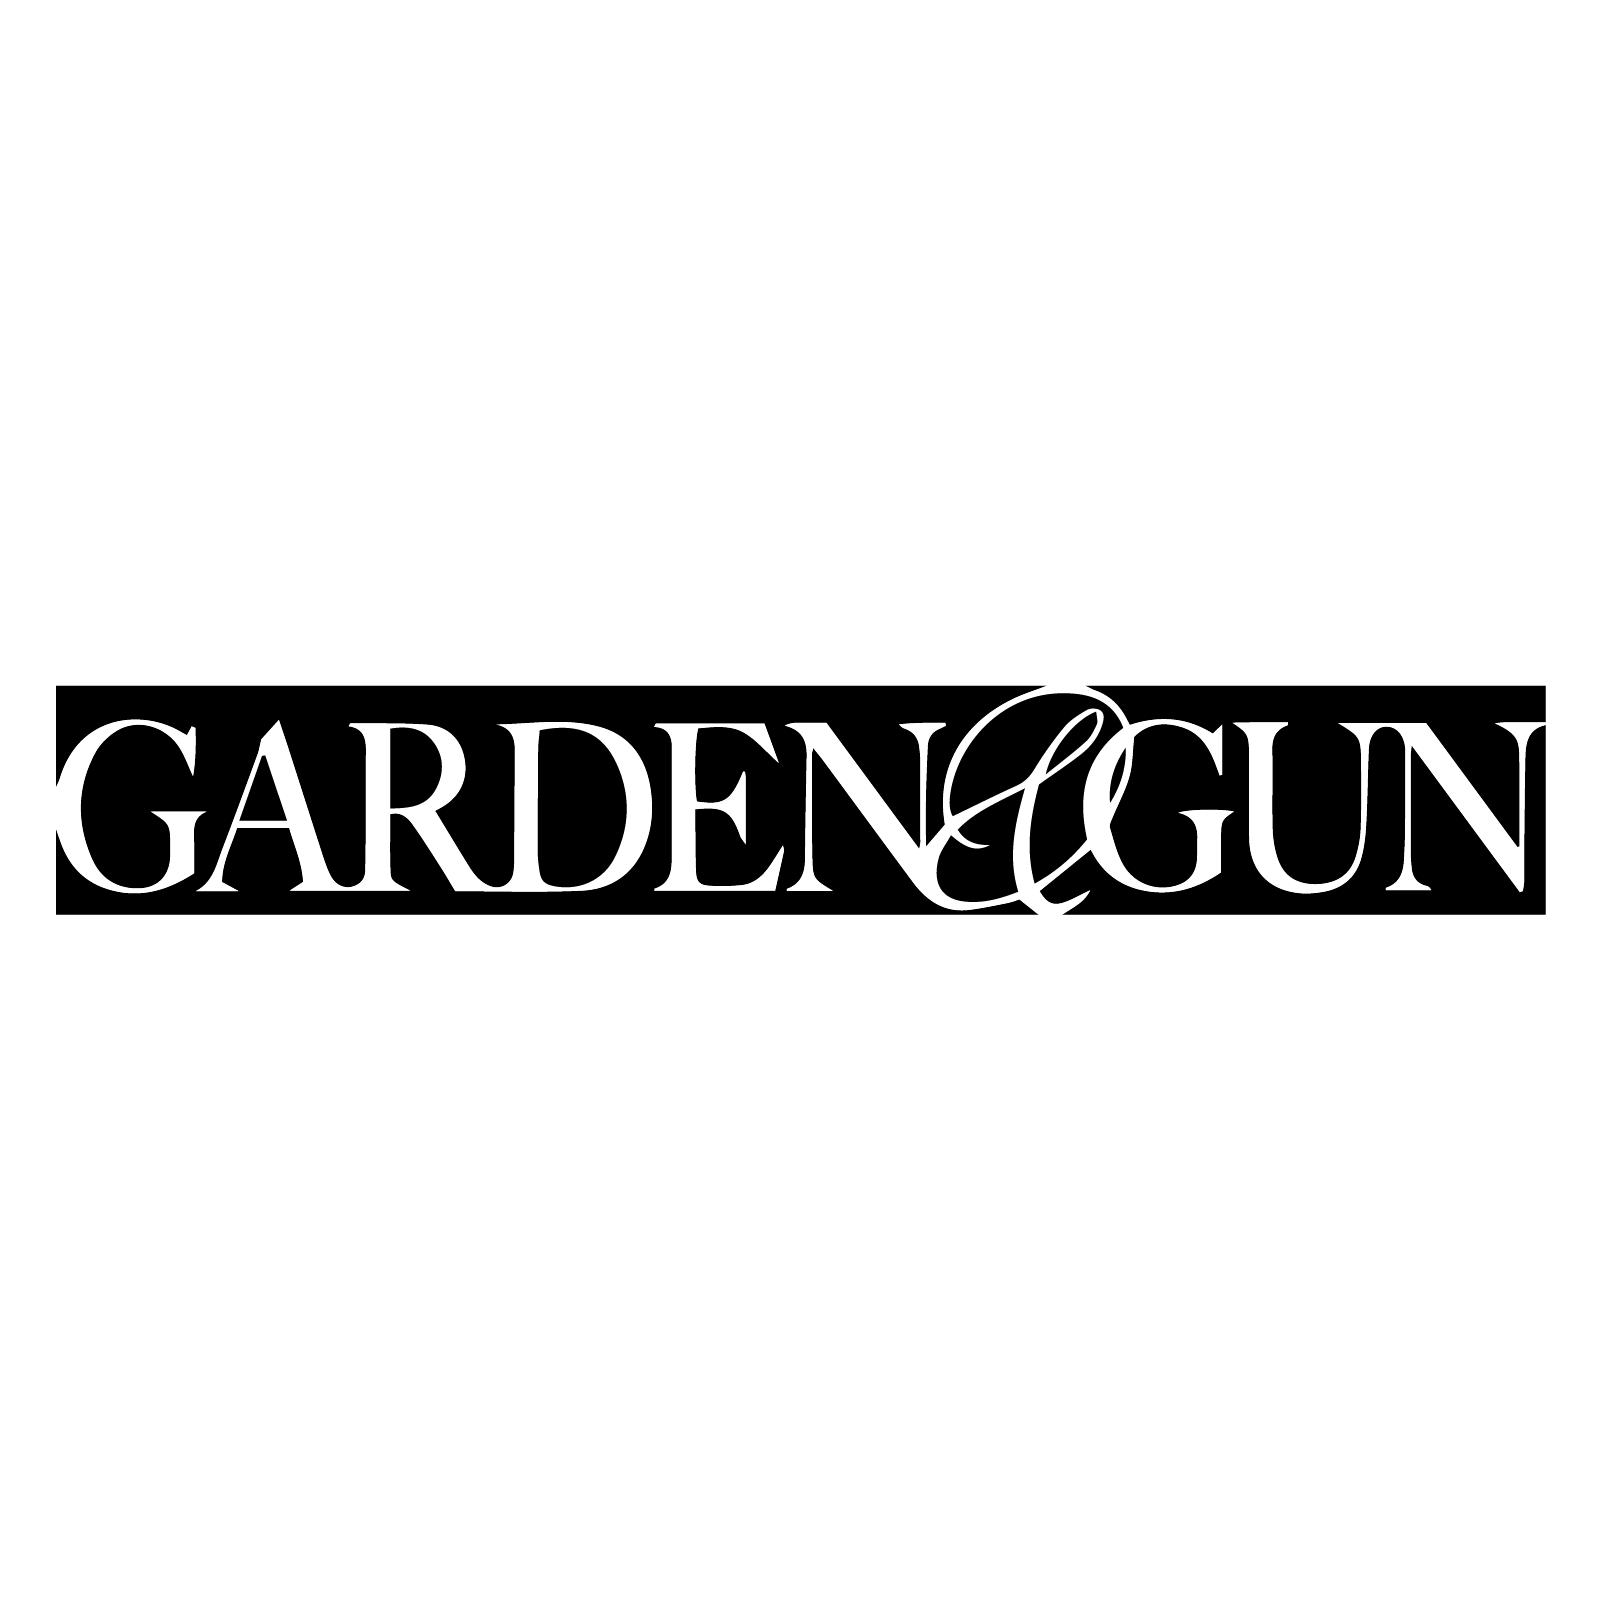 Press Logos_Garden and dun.png